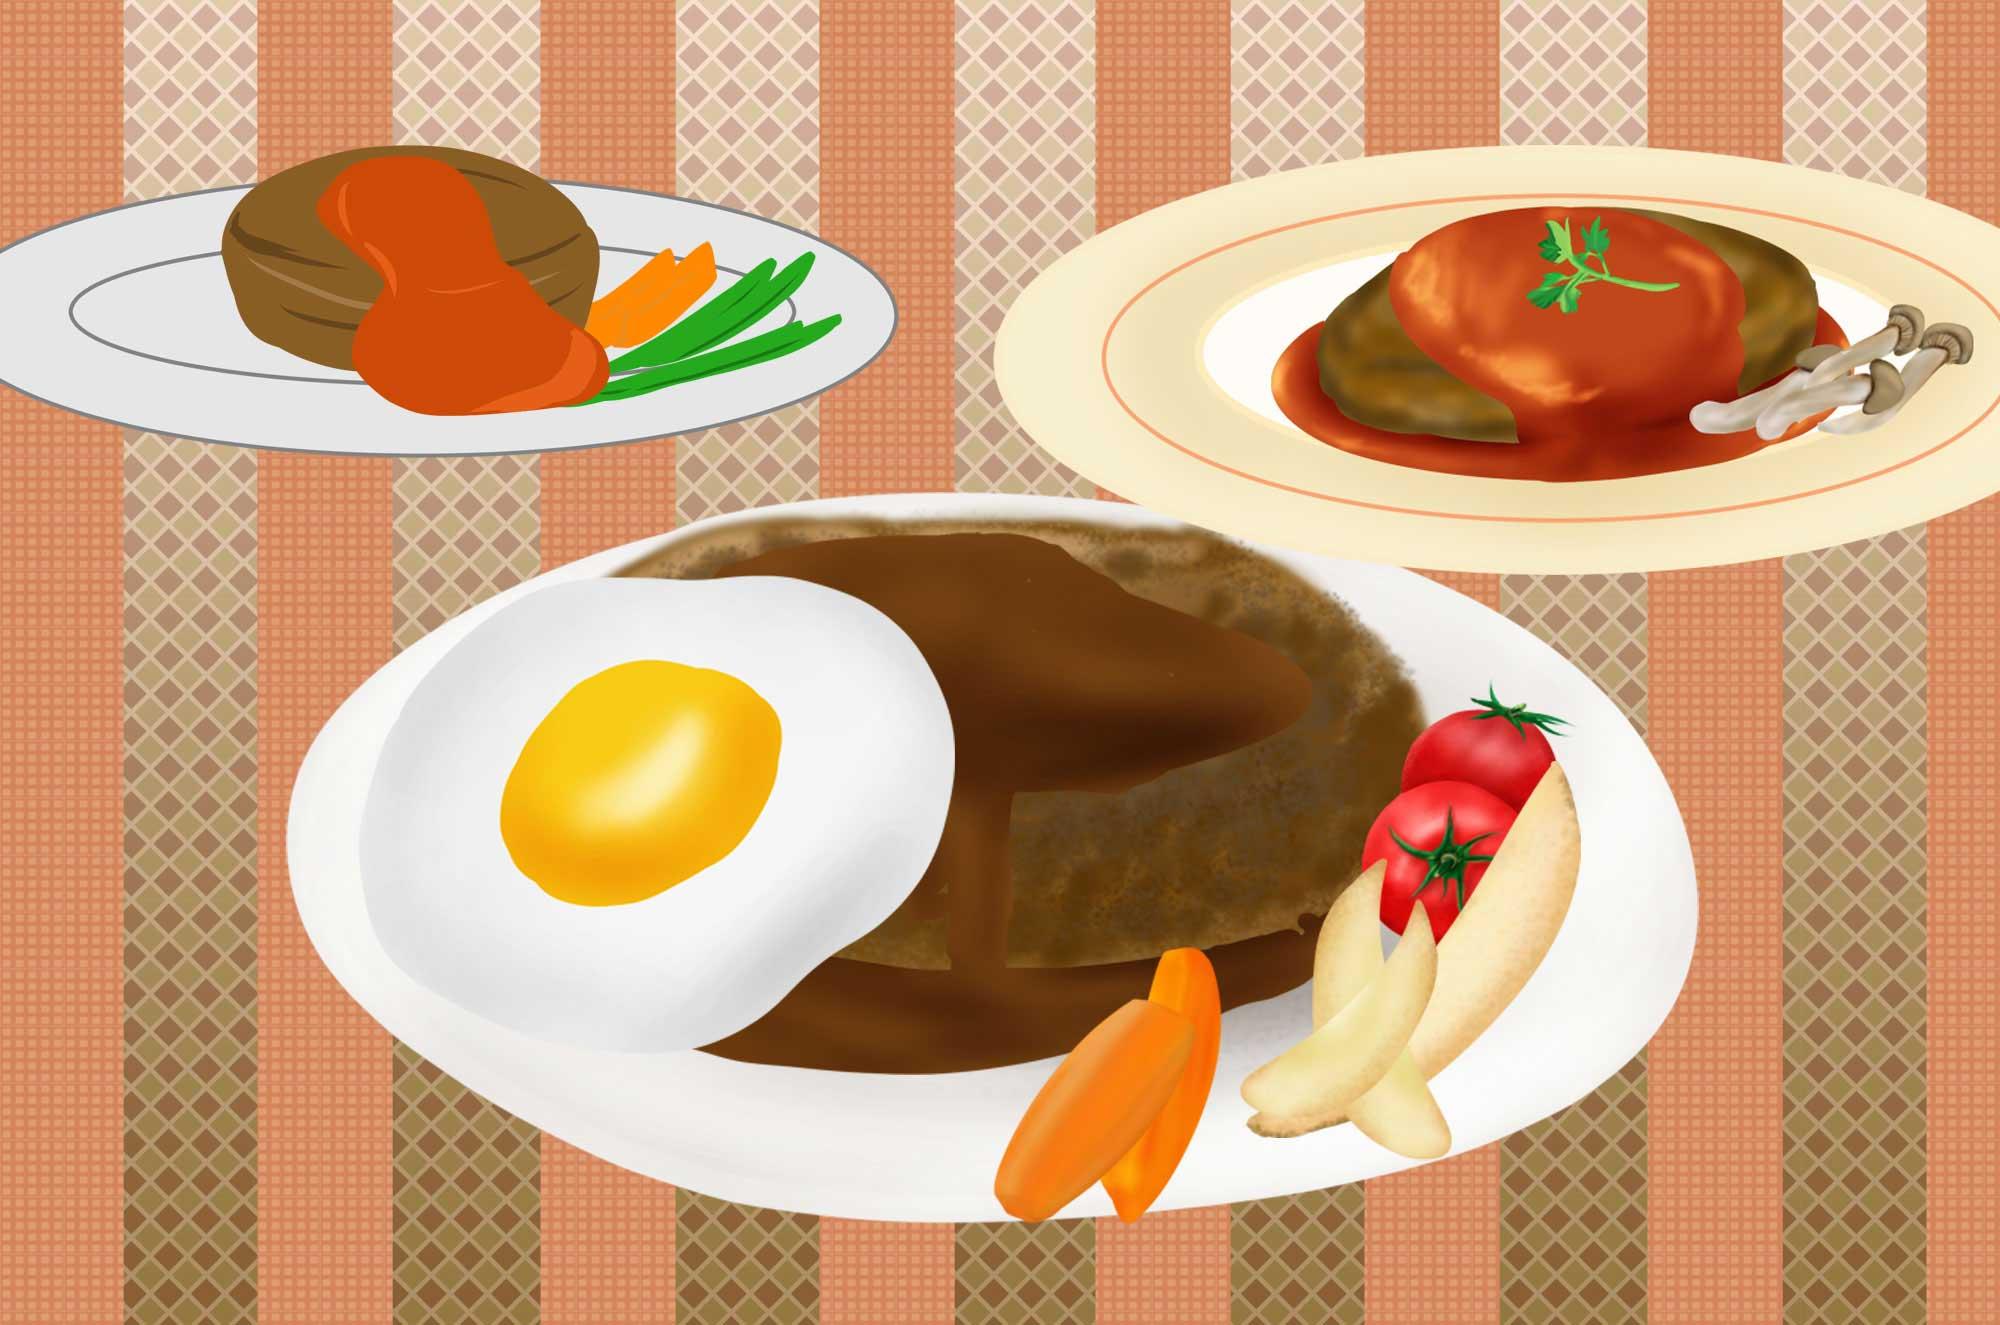 ハンバーグイラスト - 洋風料理のフリー素材集☆添え物も